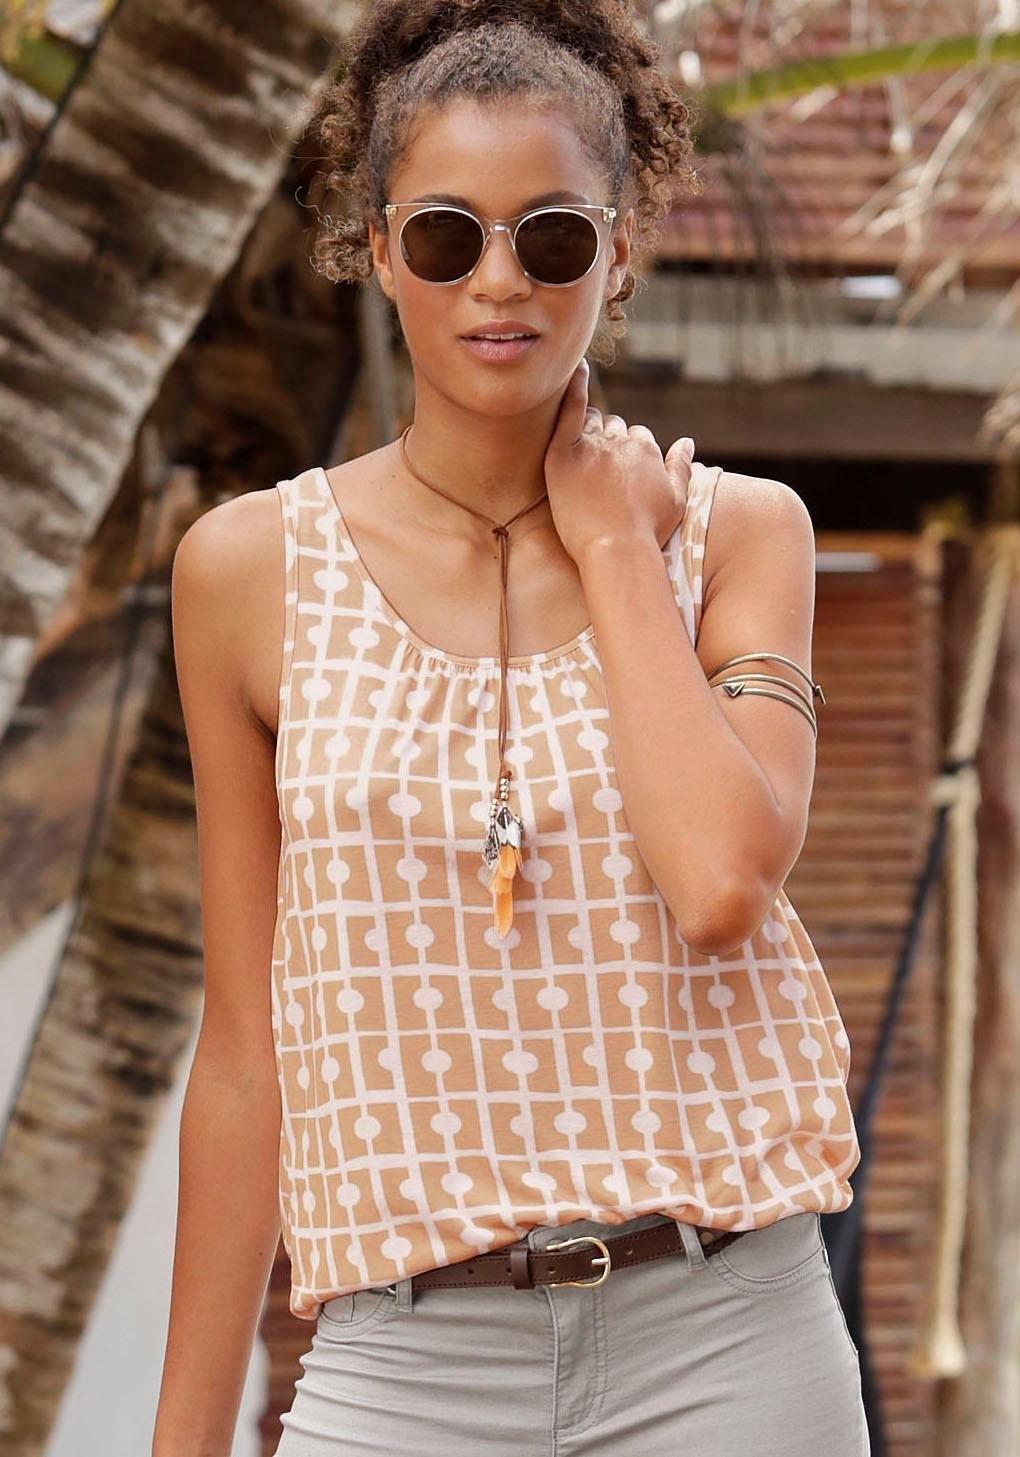 beachtime strandtop met sierlijke halslijn achter nu online kopen bij Lascana